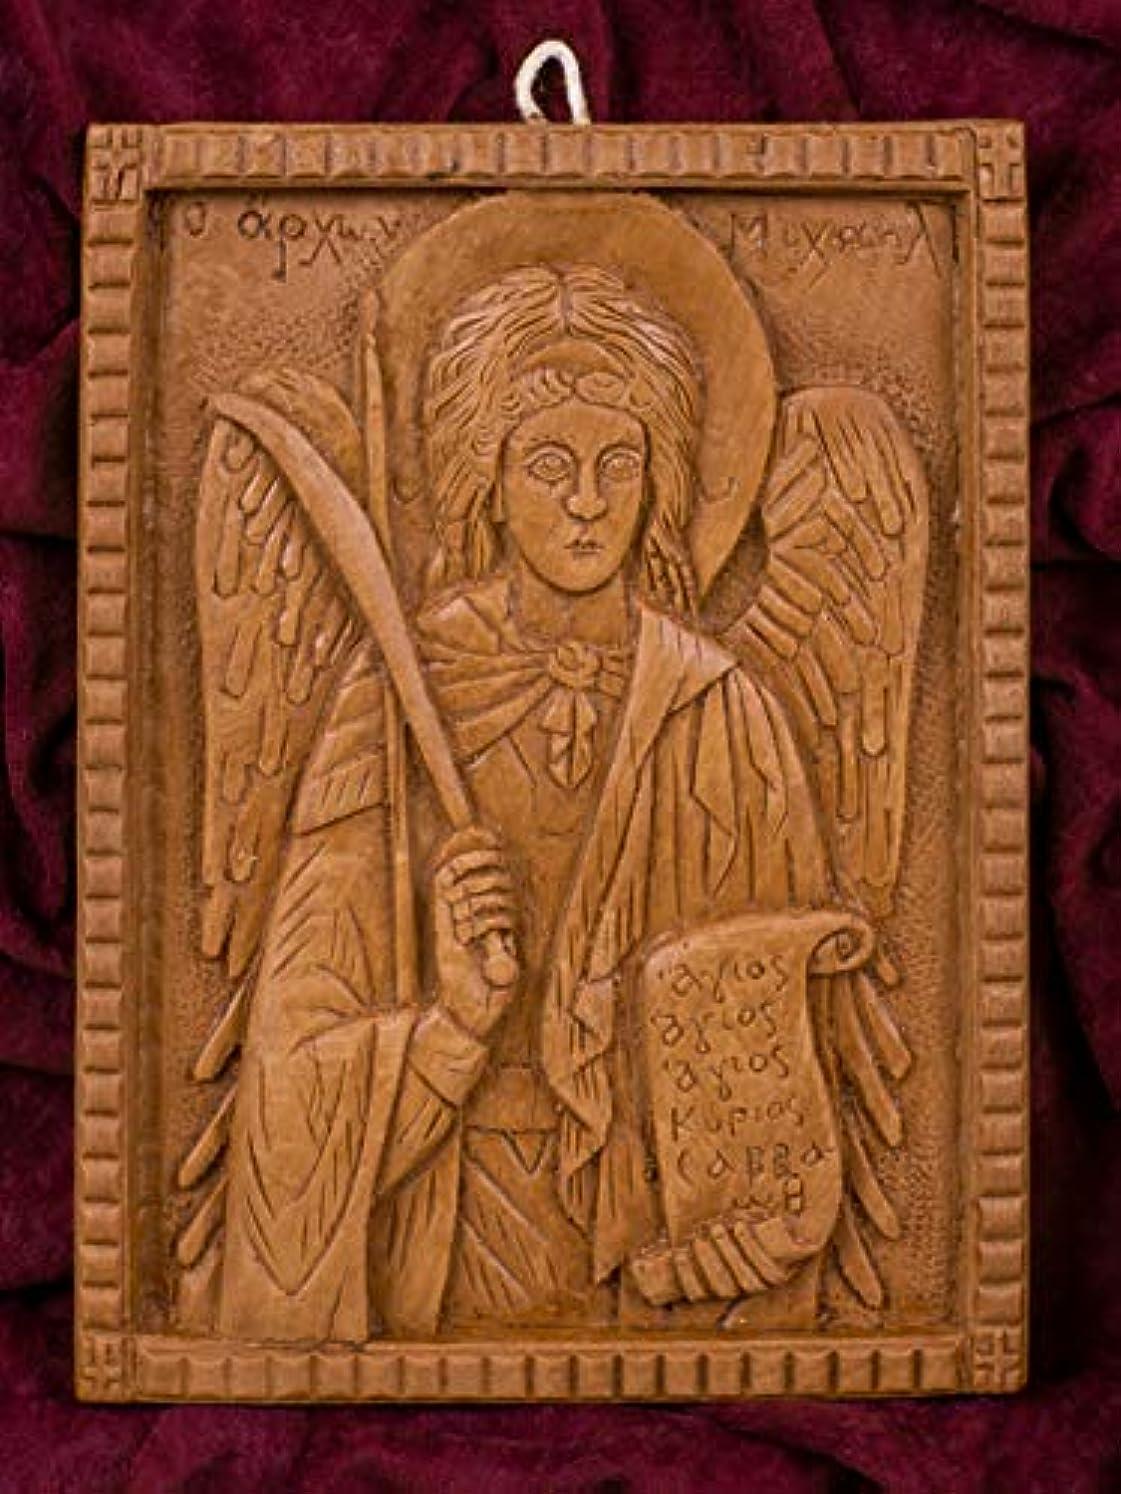 青忙しいブラシ大天使ミカエル 手彫り アロマギリシャ正教 オーソド派 アイコン 飾り板 マウント?アソスのピュア蜜蝋 マスティック お香